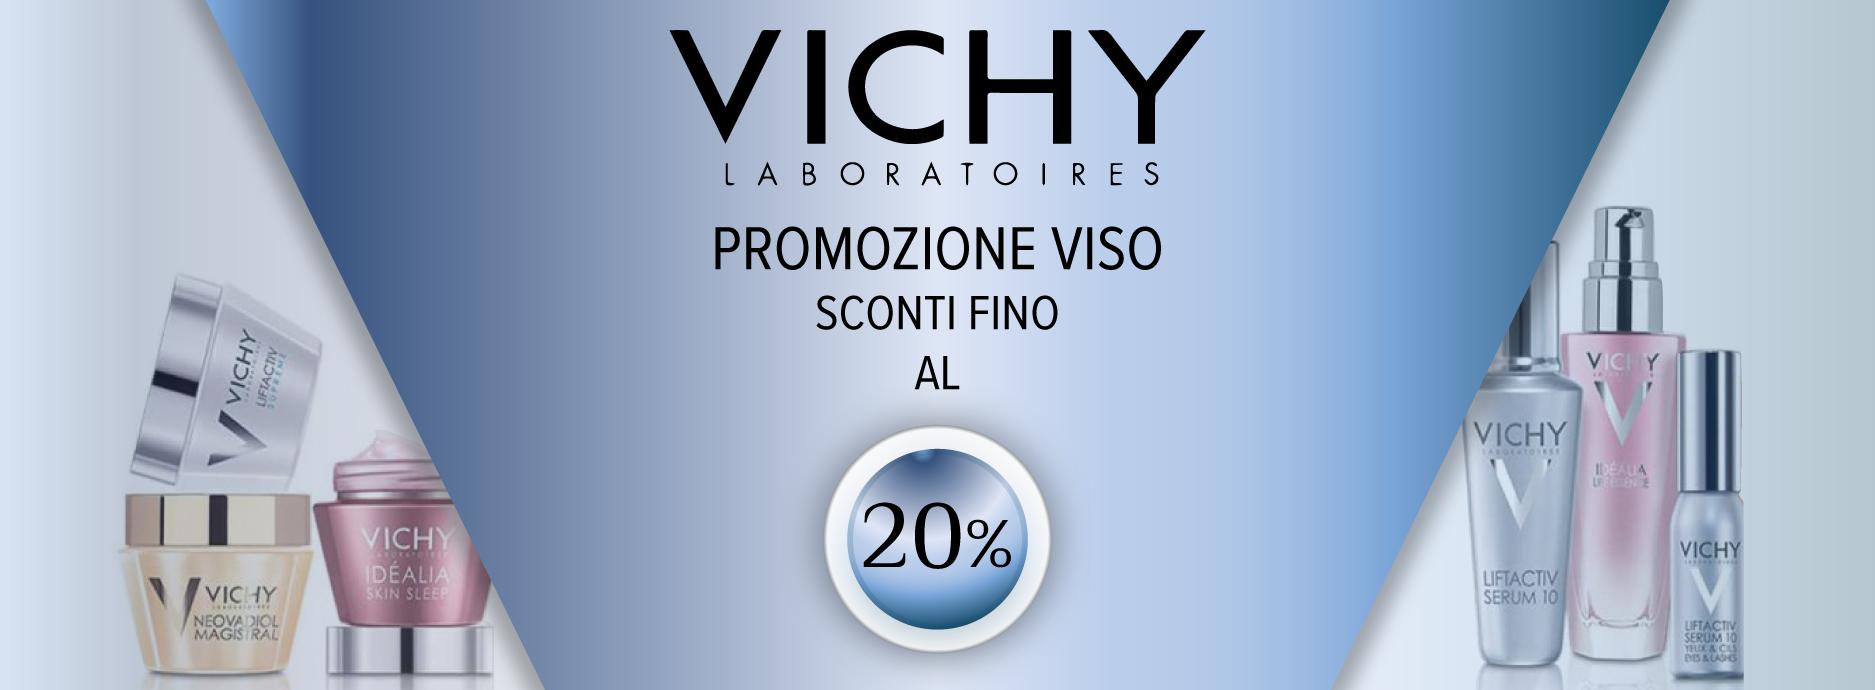 VICHY CREME VISO fino al 20%